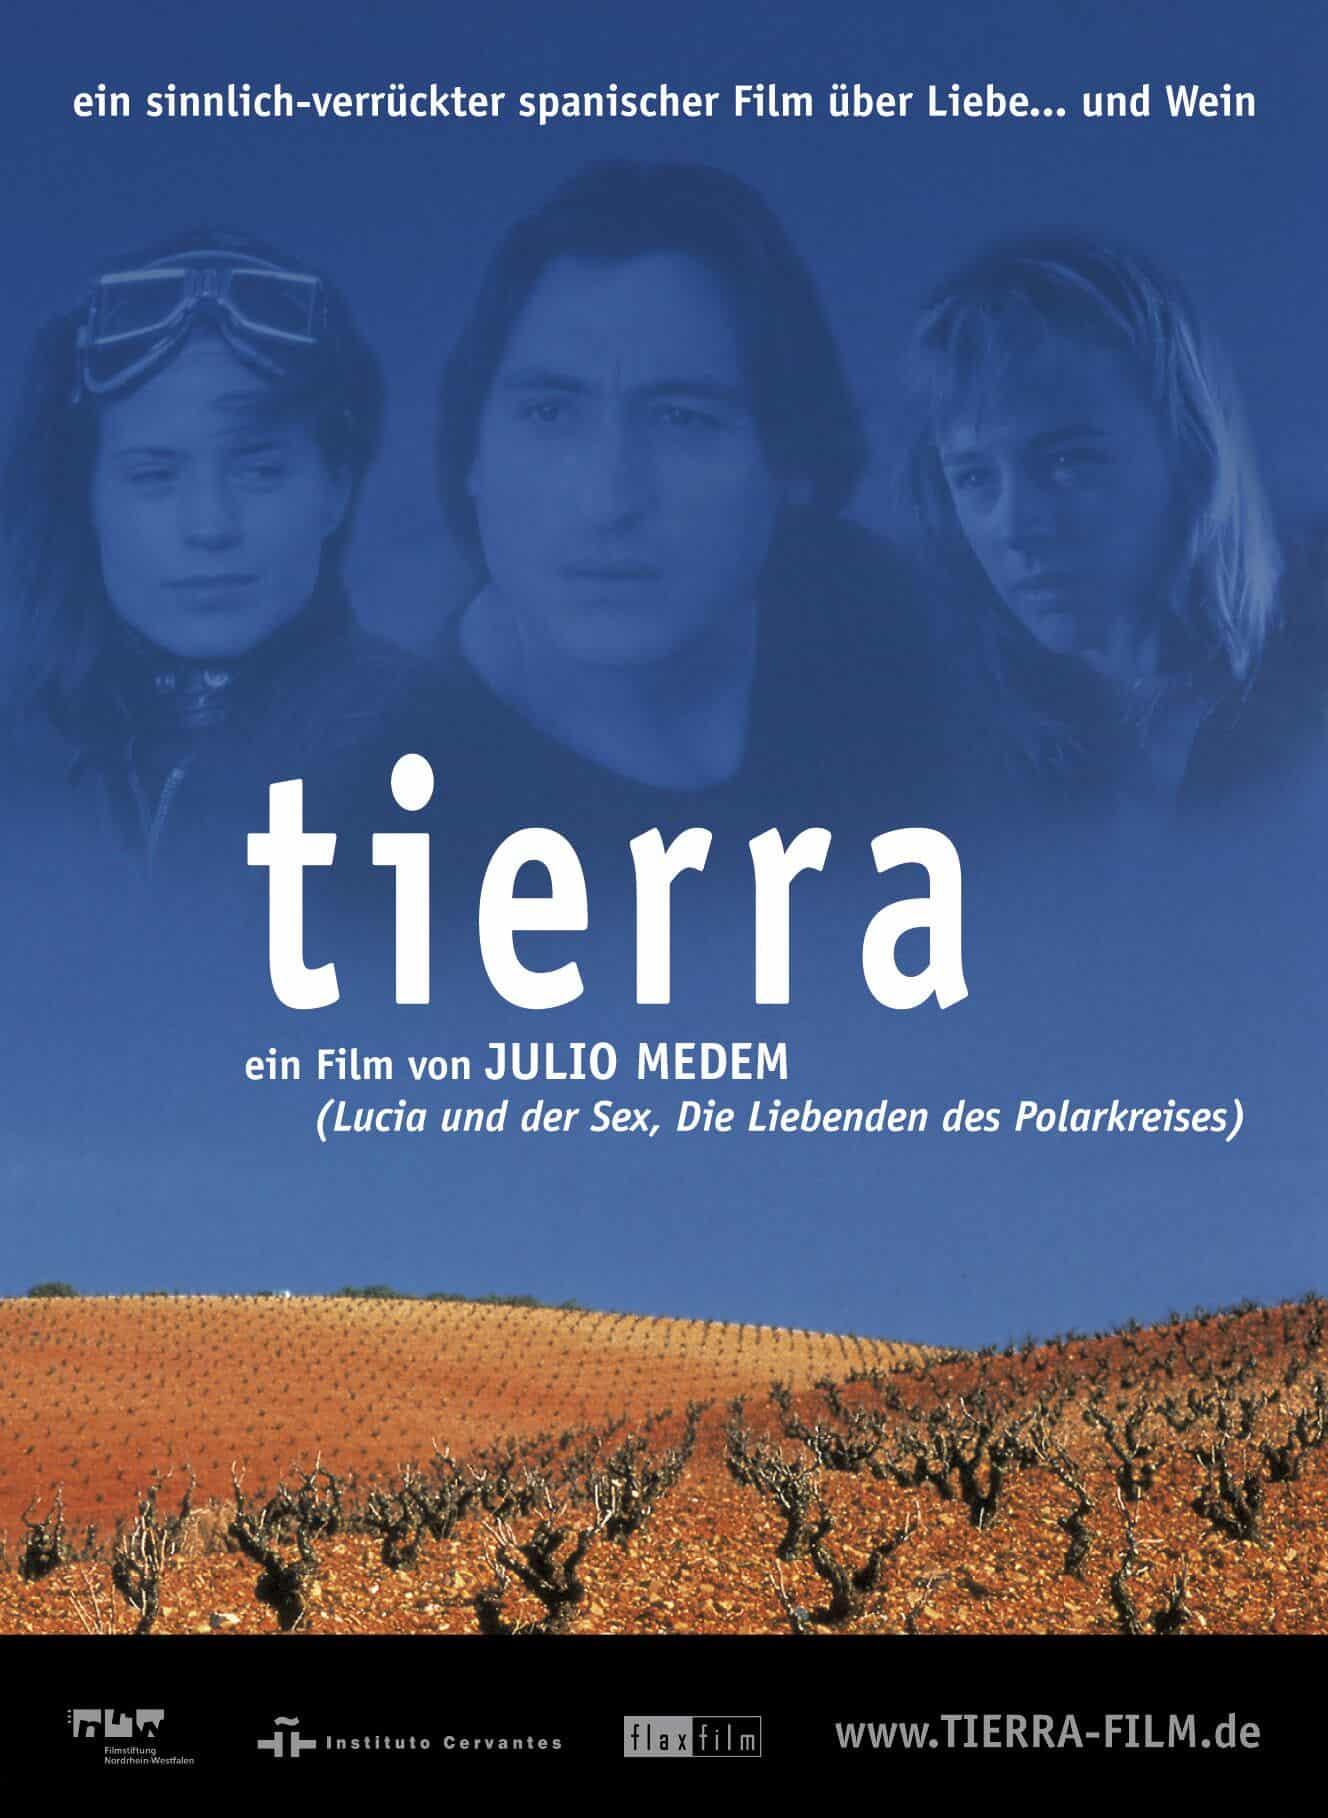 Tierra (1996) - cronică de F.F.